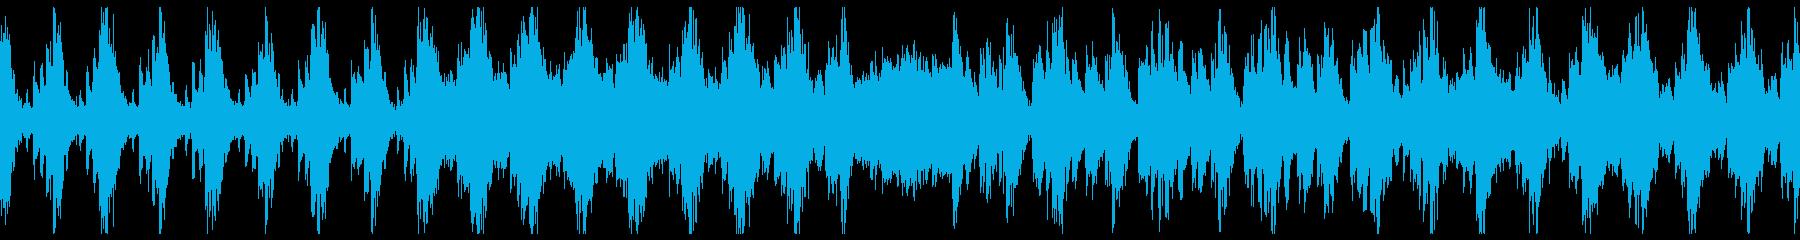 野性味溢れる勇ましいリズムが特徴のBGMの再生済みの波形